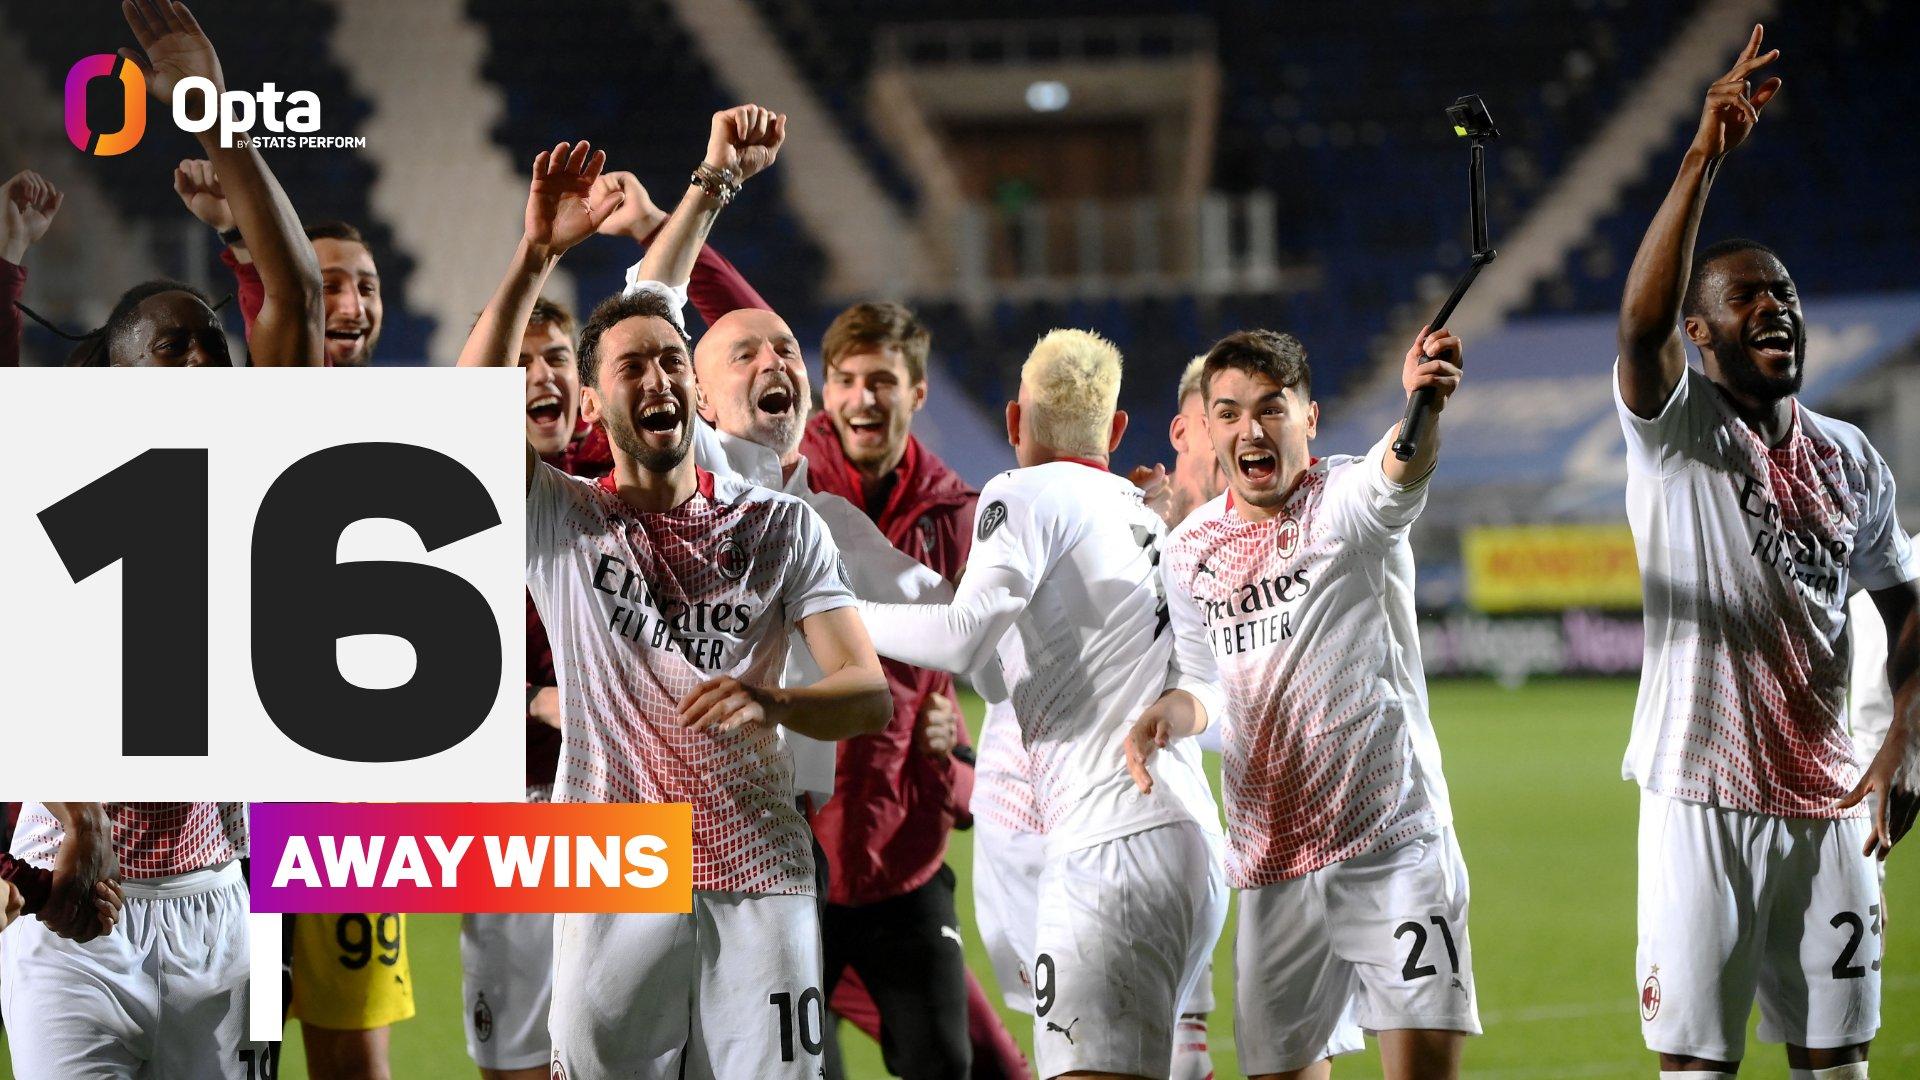 米兰本赛季意甲客场16次取胜,追平皇马曼城的五大联赛纪录插图